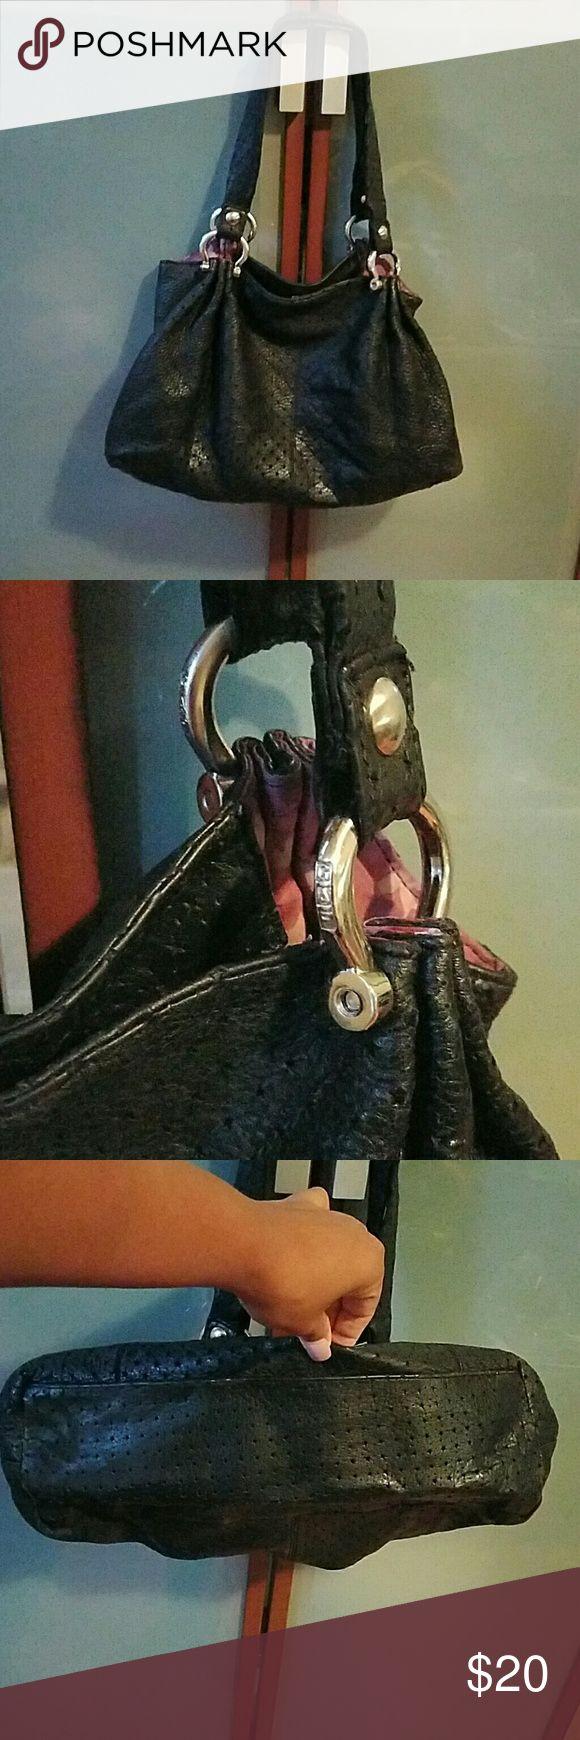 Gap leather handbag Black leather Gap handbag, good condition inside and out, on or off shoulder bag Bags Shoulder Bags